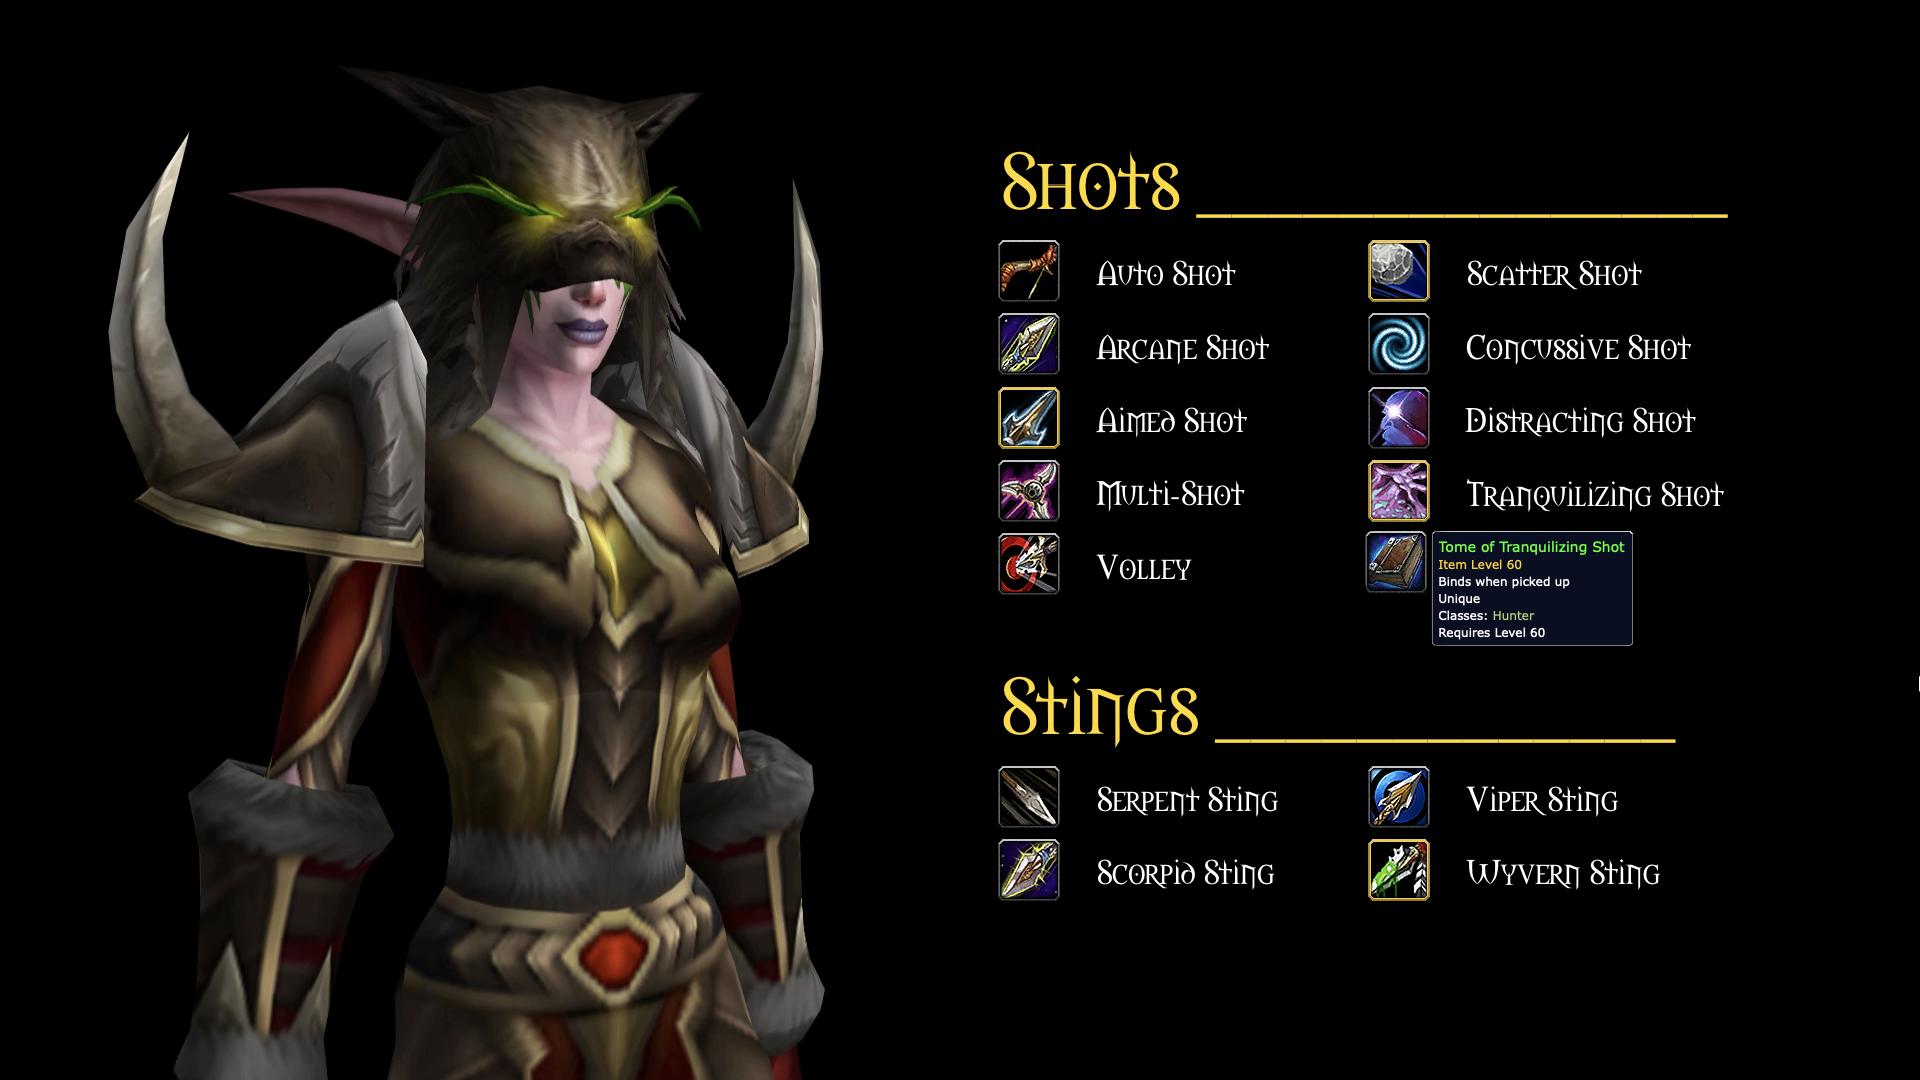 Shots & Stings